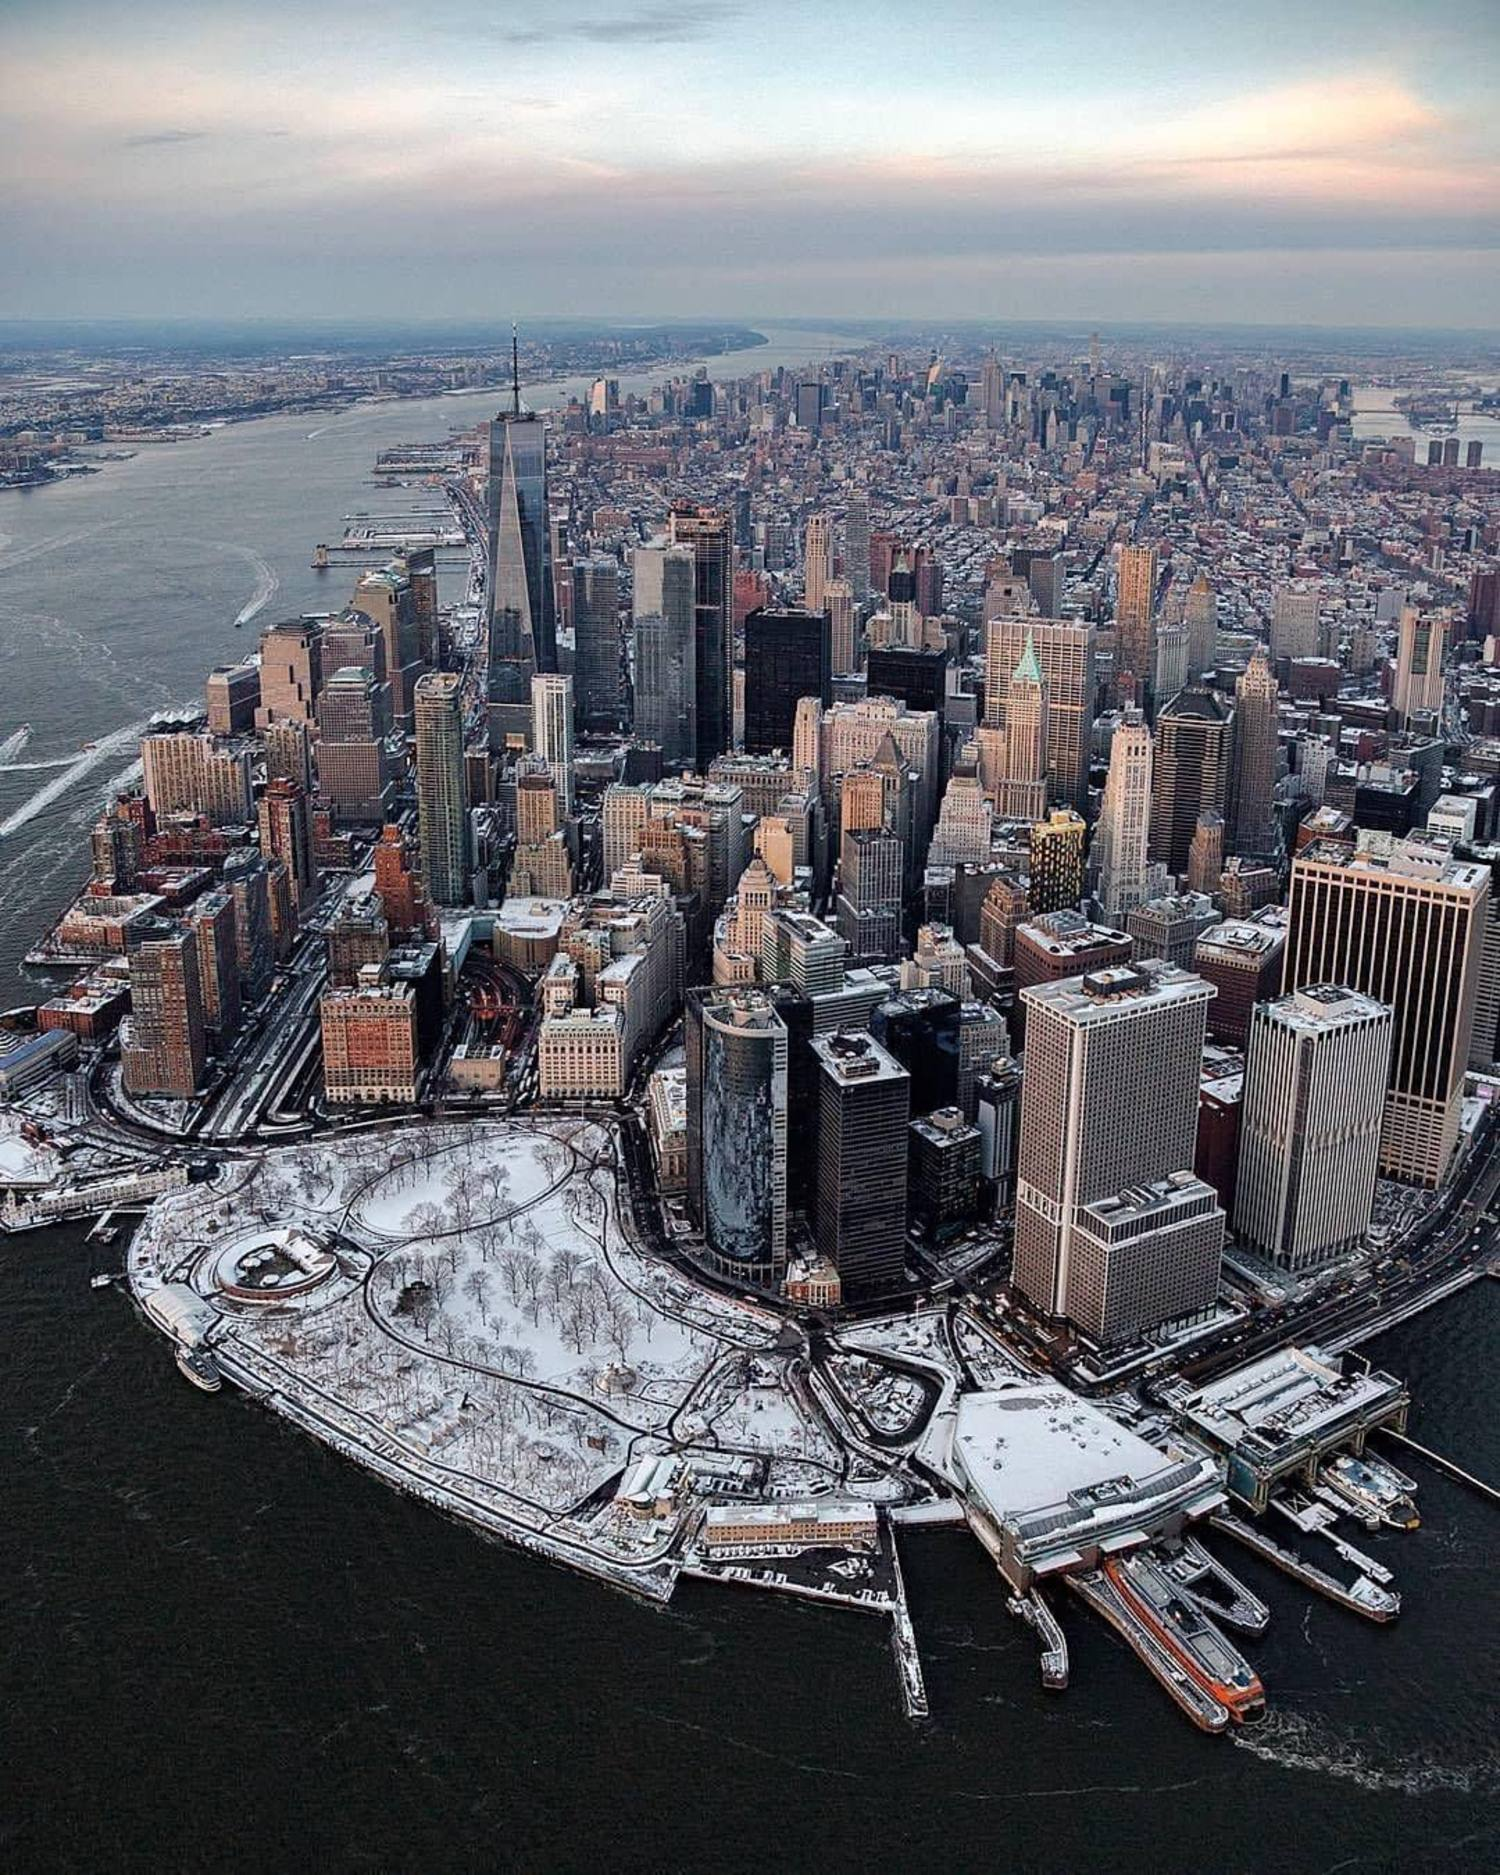 New York, New York. 📸 via @mattpugs #viewingnyc #nyc #newyork #newyorkcity